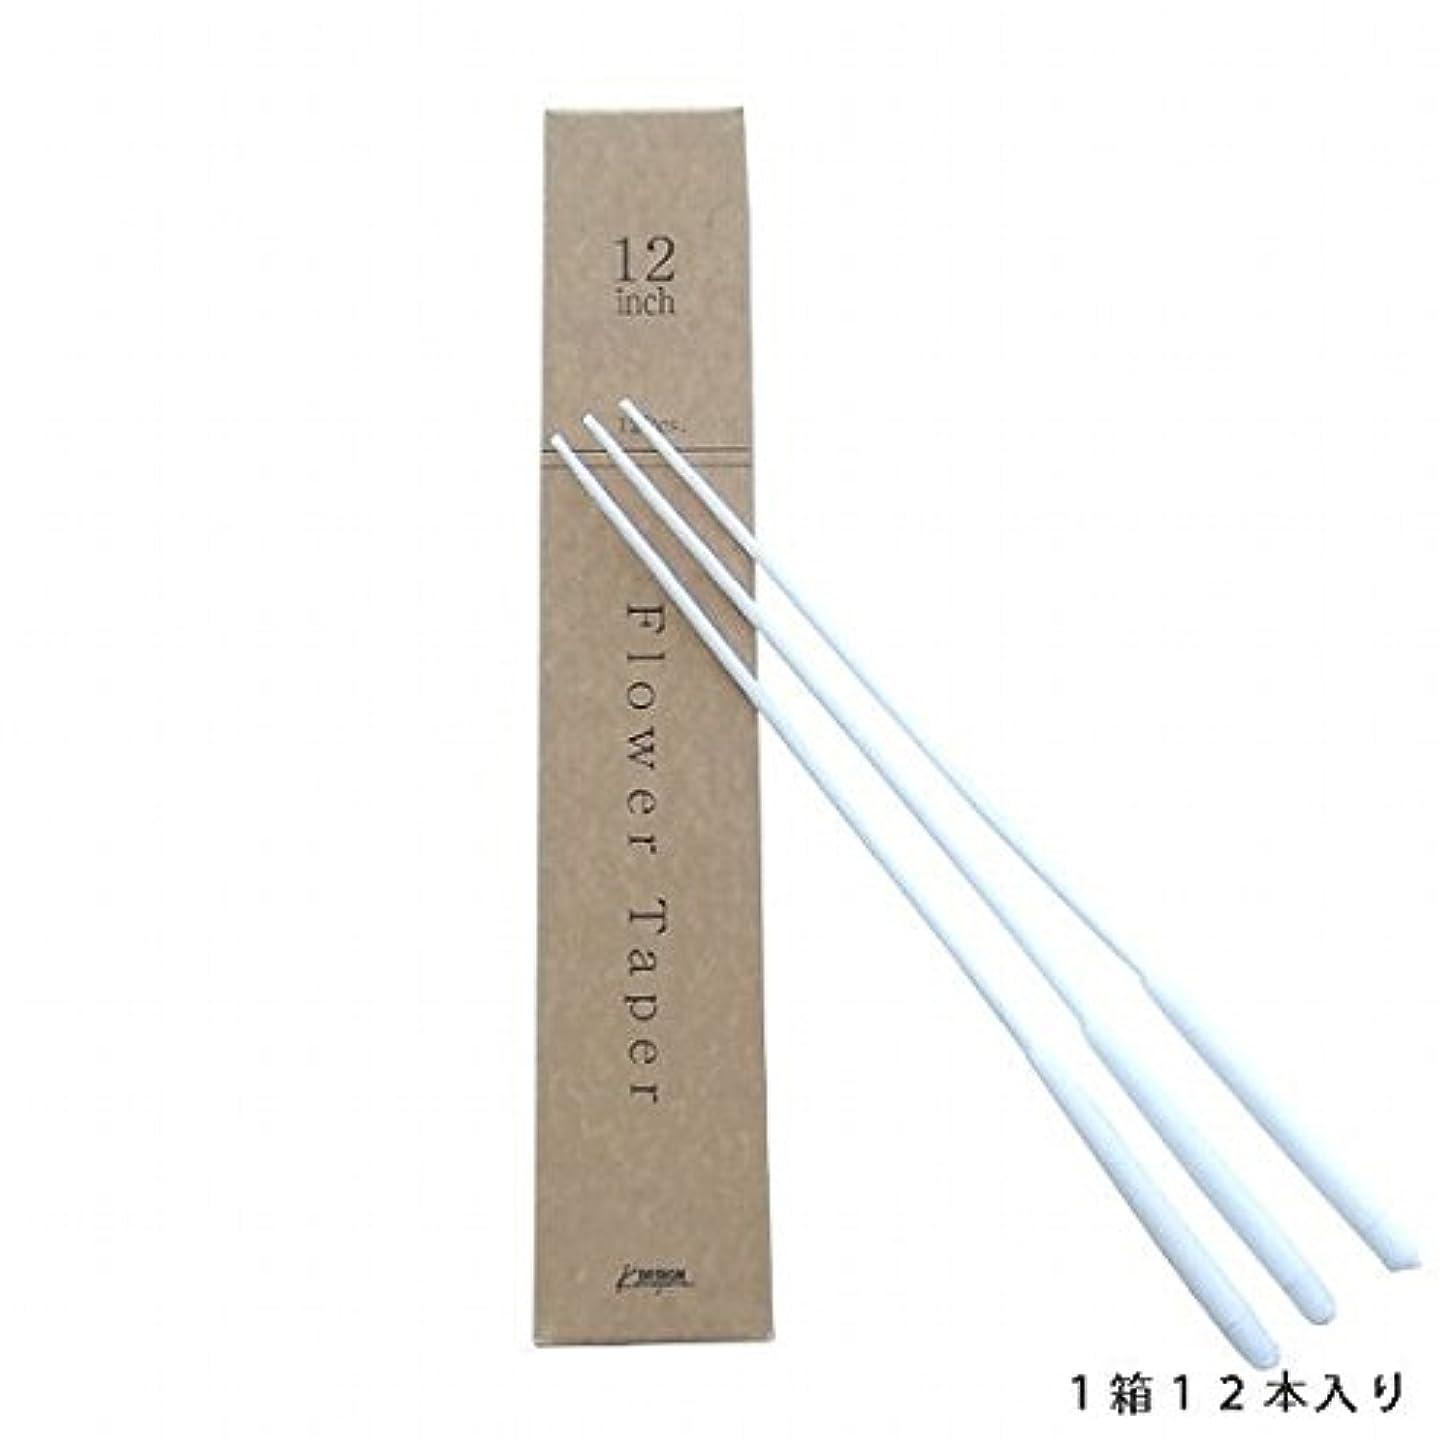 読む絶対の戦うカメヤマキャンドル(kameyama candle) 12インチトーチ用フラワーテーパー12本入 「 ホワイト 」